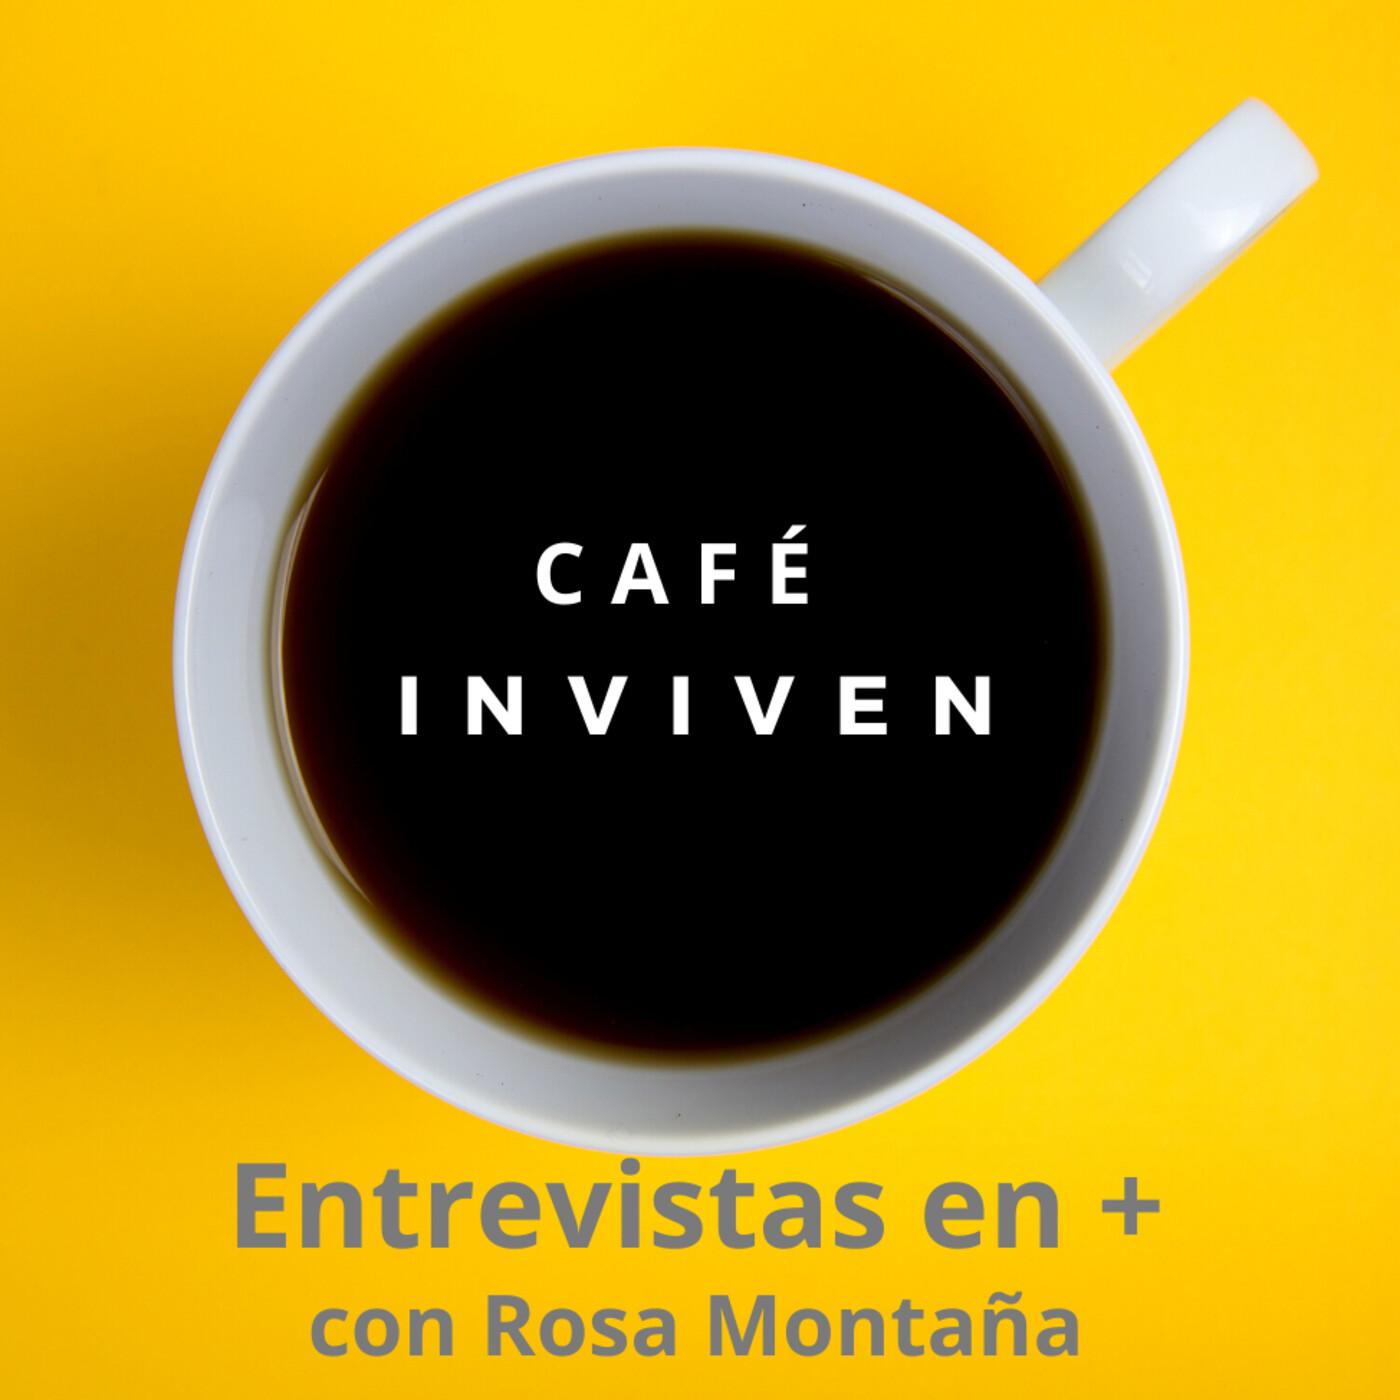 Café INVIVEN 032. Francisco Martín-Martínez y la carrera investigadora